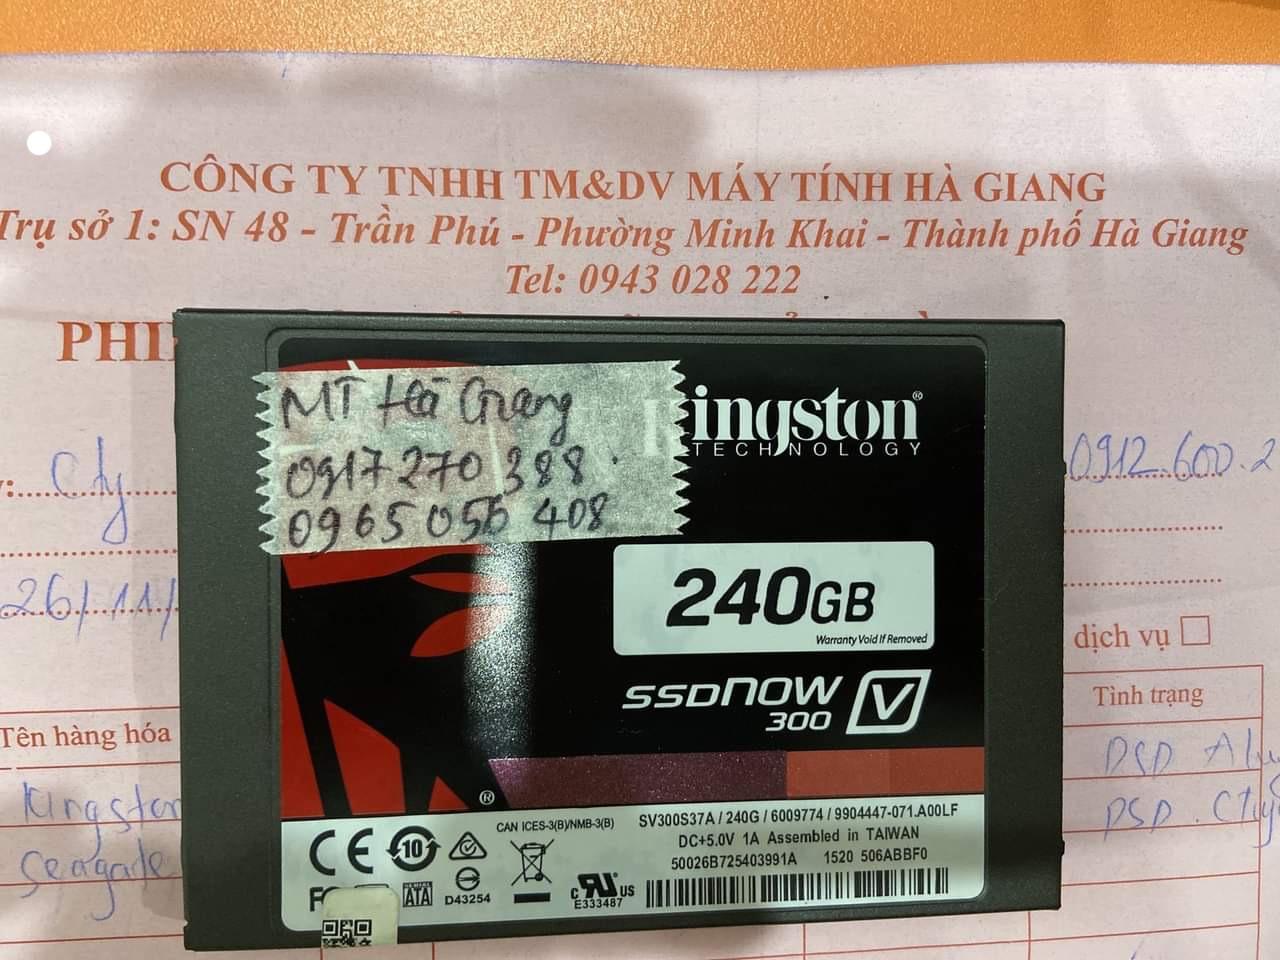 Lấy dữ liệu ổ cứng SSD Kingston 240GB không nhận tại Hà Giang - 14/12/2020 - cuumaytinh